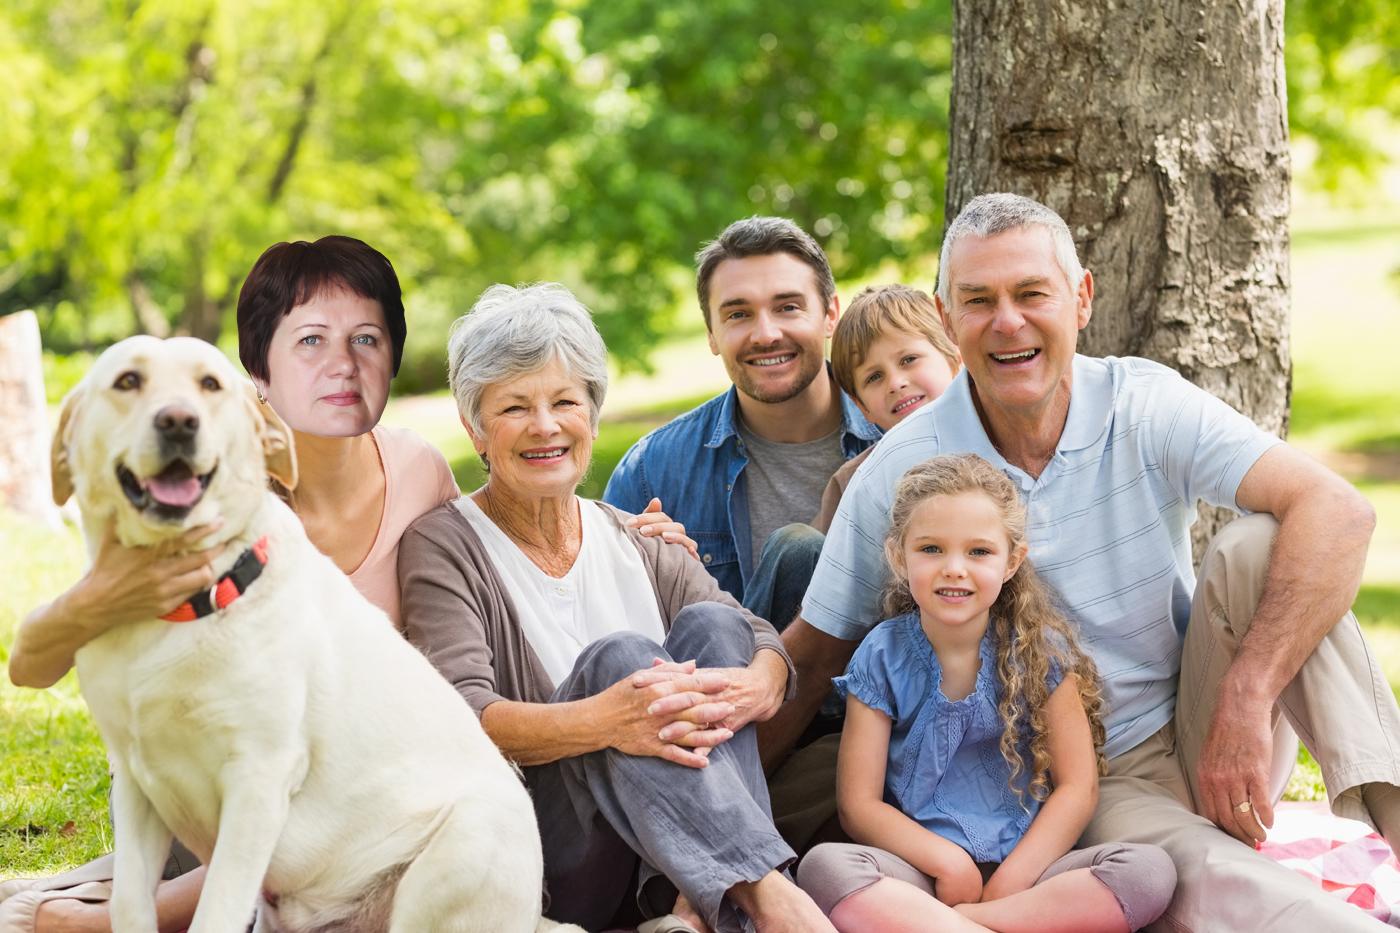 Подпишите так, будто это реальная фотография: наша дружная семья в собственном особняке; я с мужем и детьми гуляю в парке